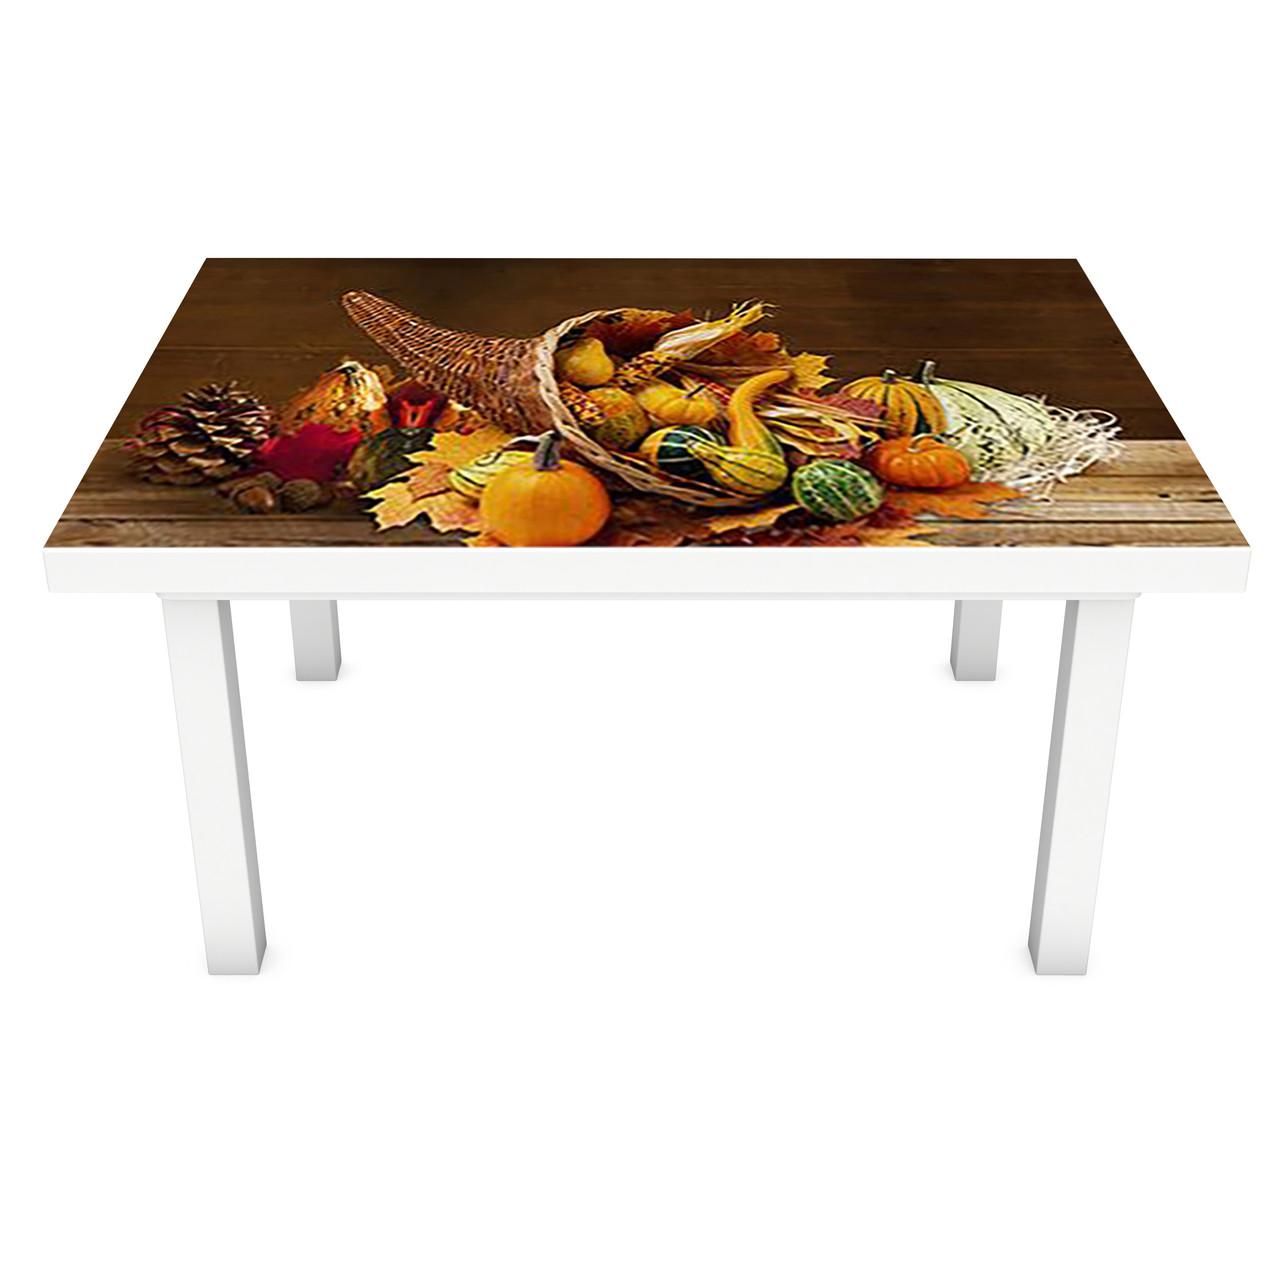 Наклейка на стол виниловая Рог изобилия натюрморт овощи (ПВХ пленка для мебели интерьерная 3D) 600*1200 мм